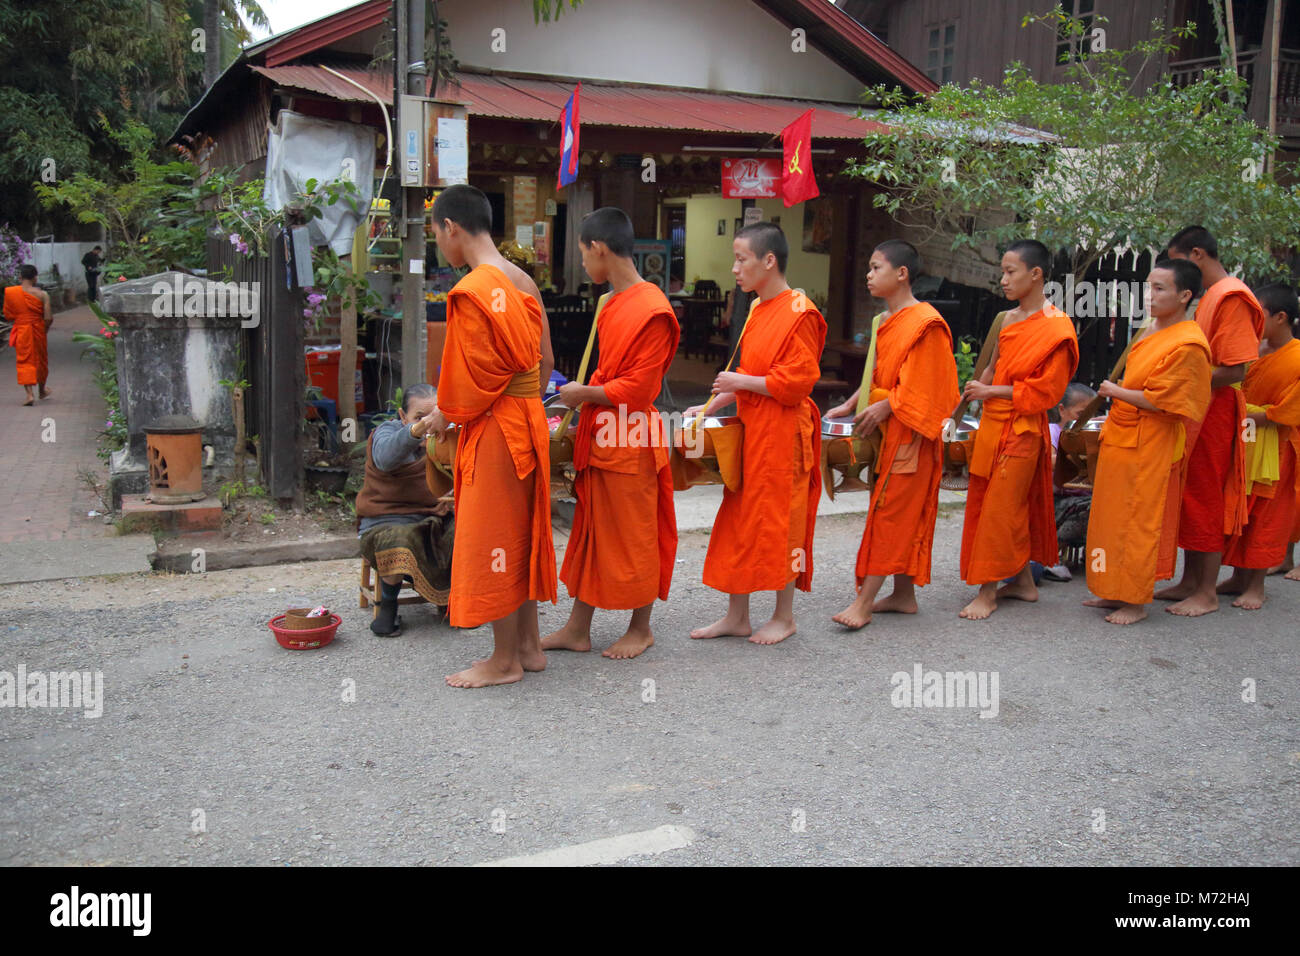 I monaci buddisti collectilg alms allo spuntar del giorno a Luang Prabang, Laos Immagini Stock